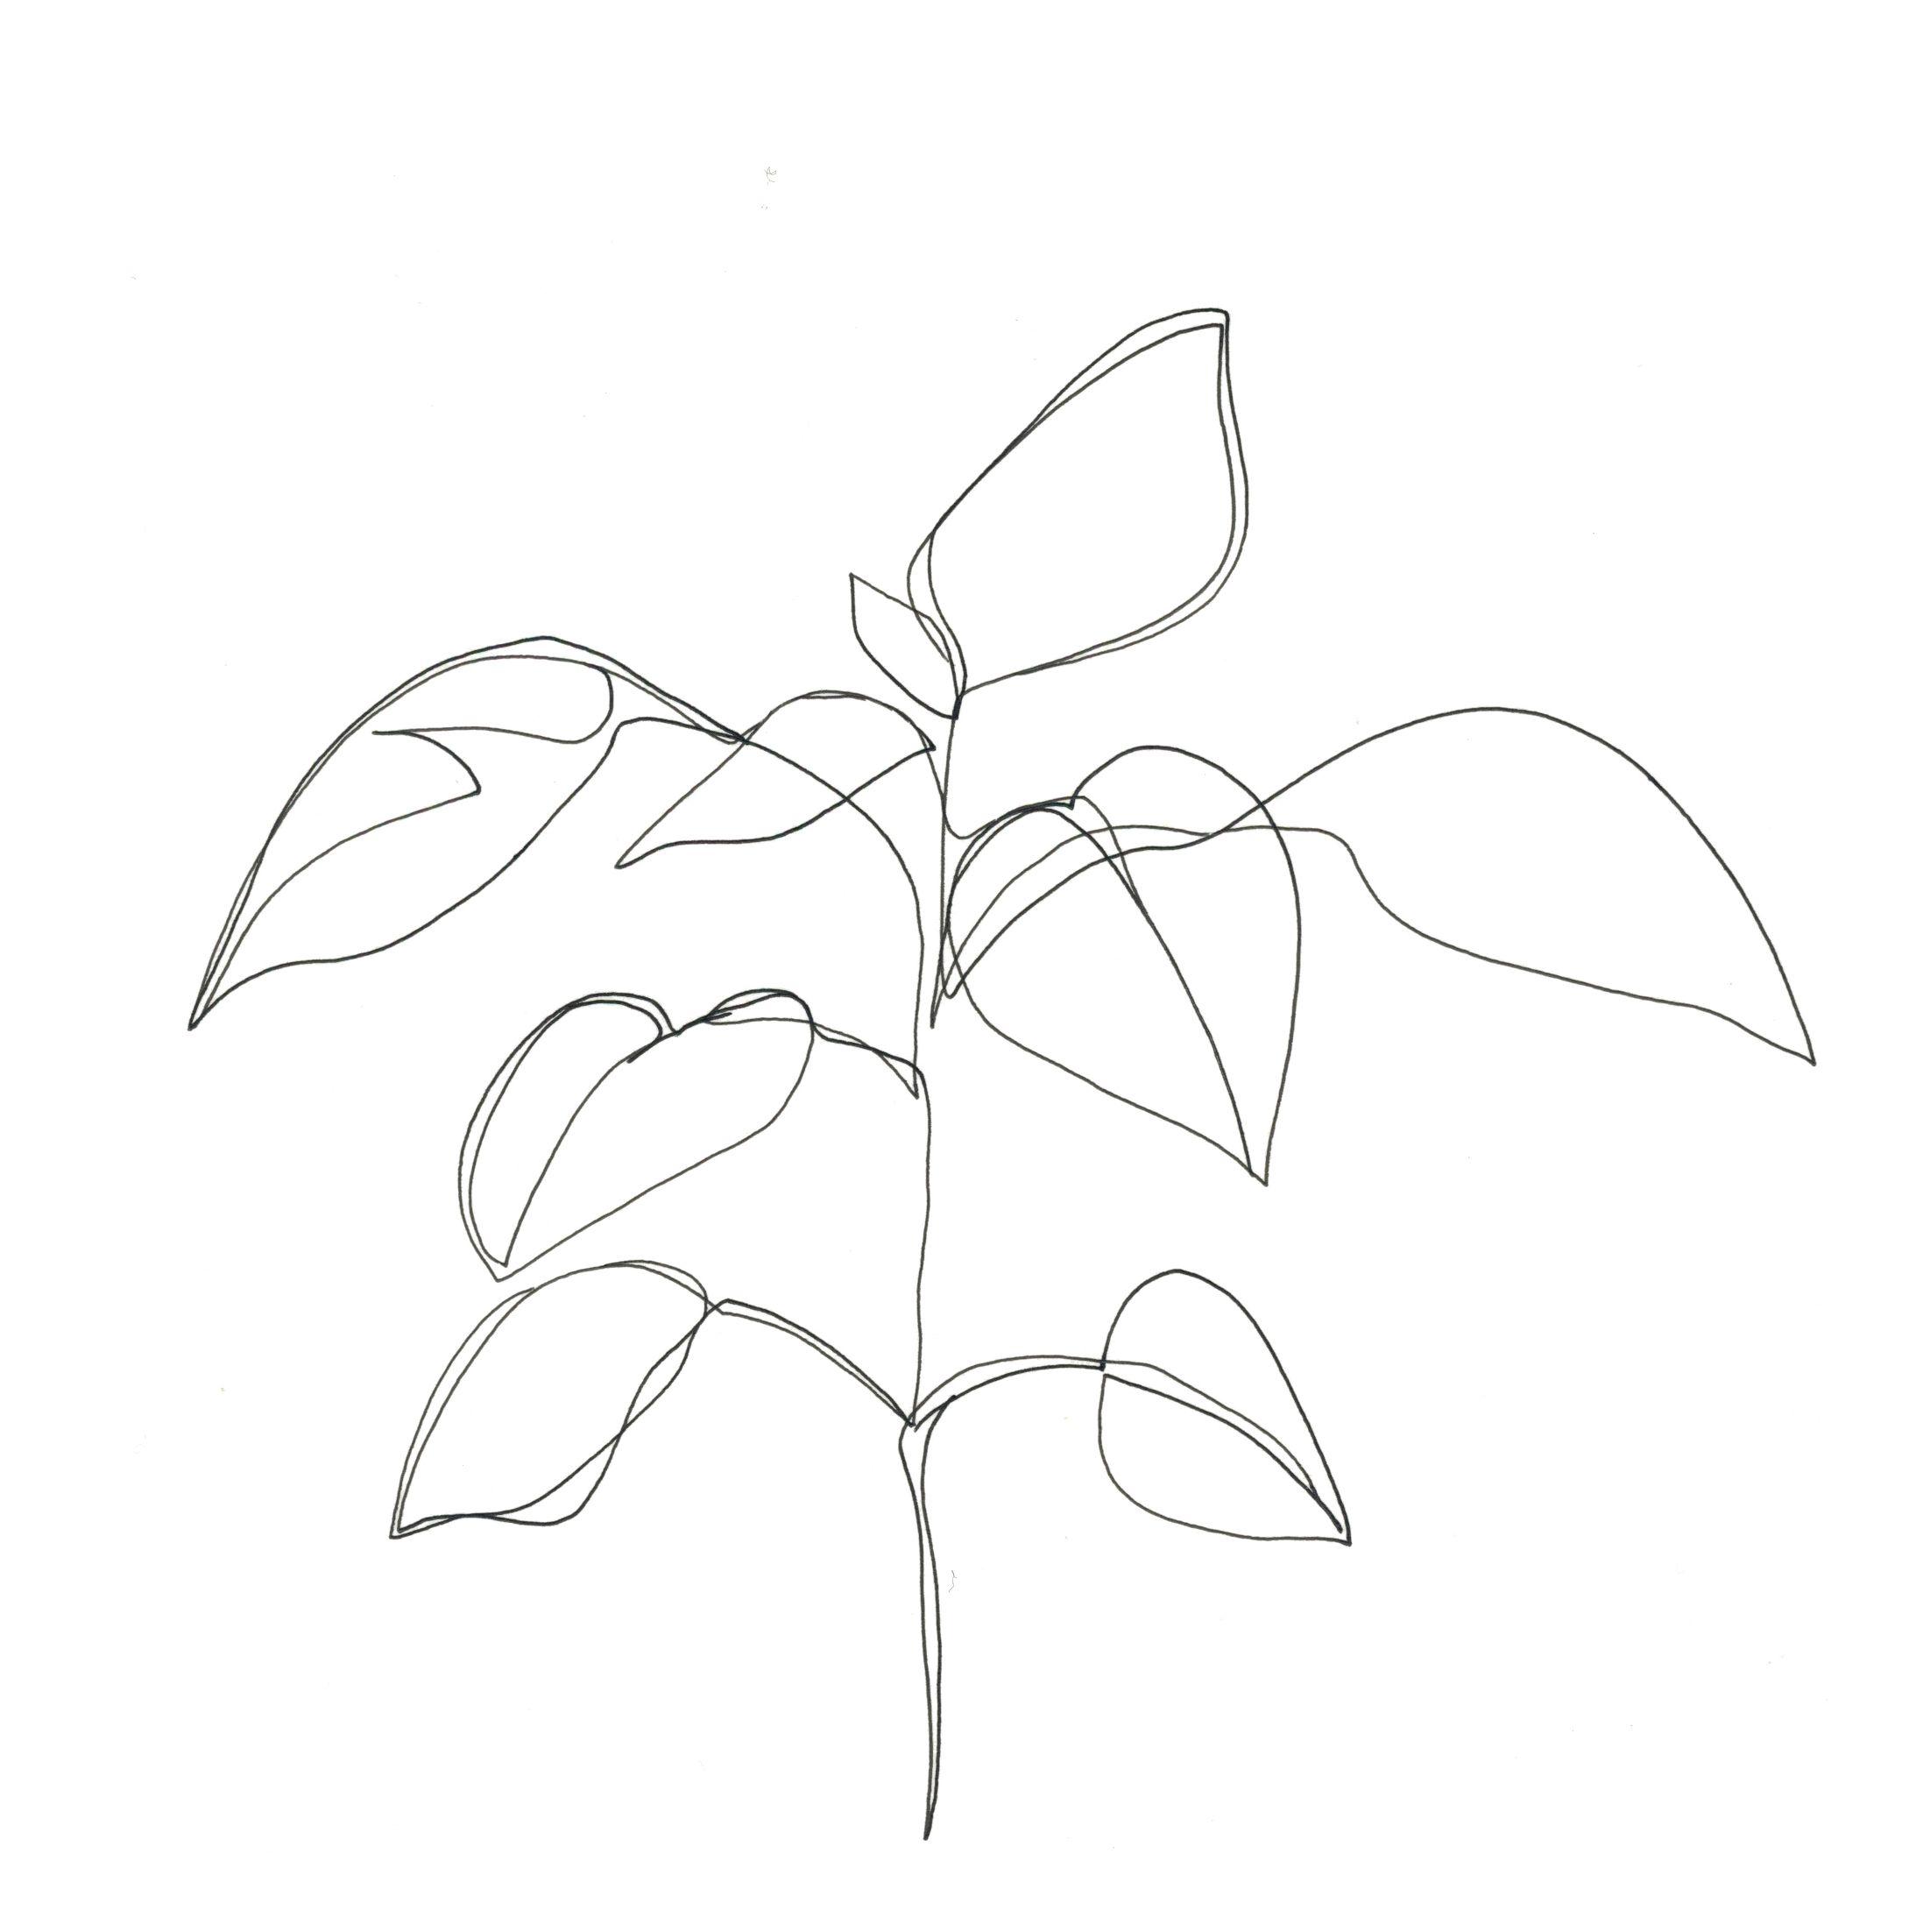 Minimalist Line Art : One line minimal artwork plants and leaves minimalist